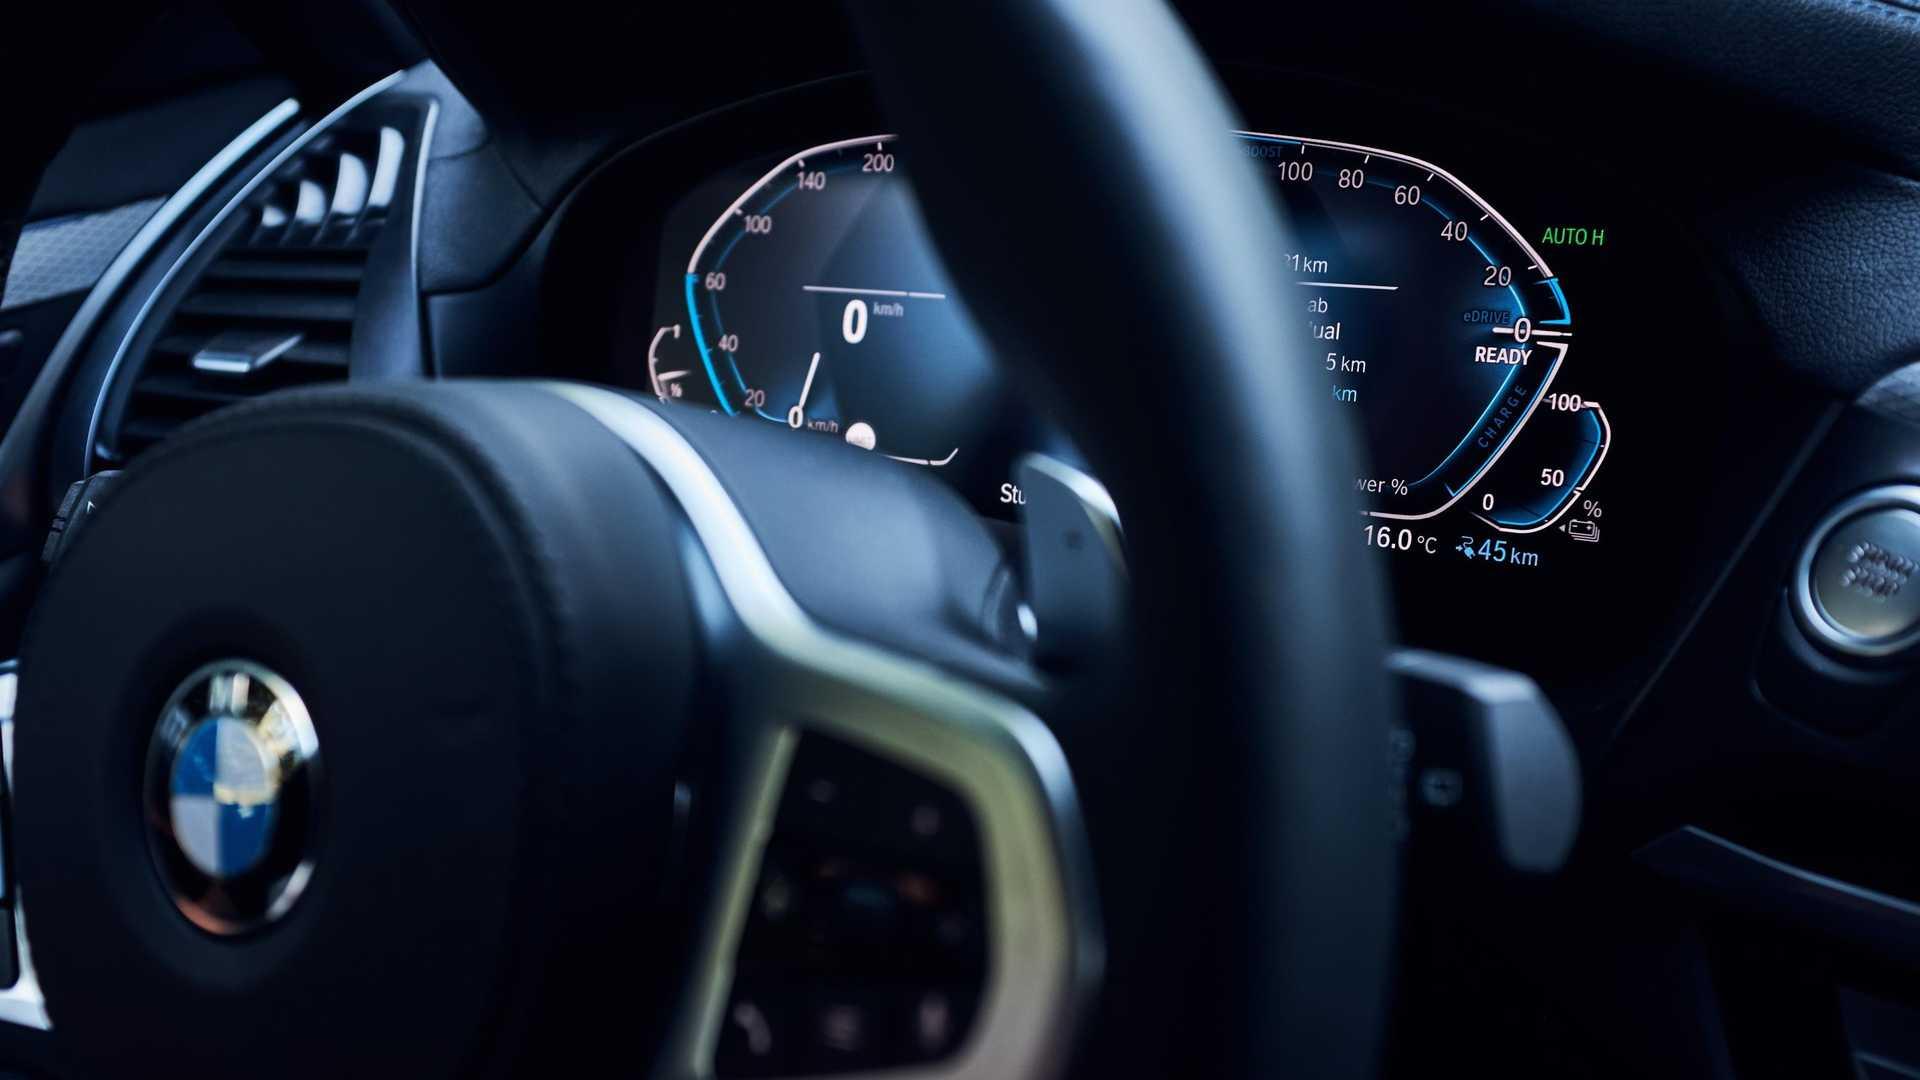 Компания BMW в следующем месяце начнёт производство подзаряжаемого гибрида с обозначением X3 xDrive30e. Это шестая подобная модель в гамме марки и второй такой кроссовер после X5 xDrive45e.